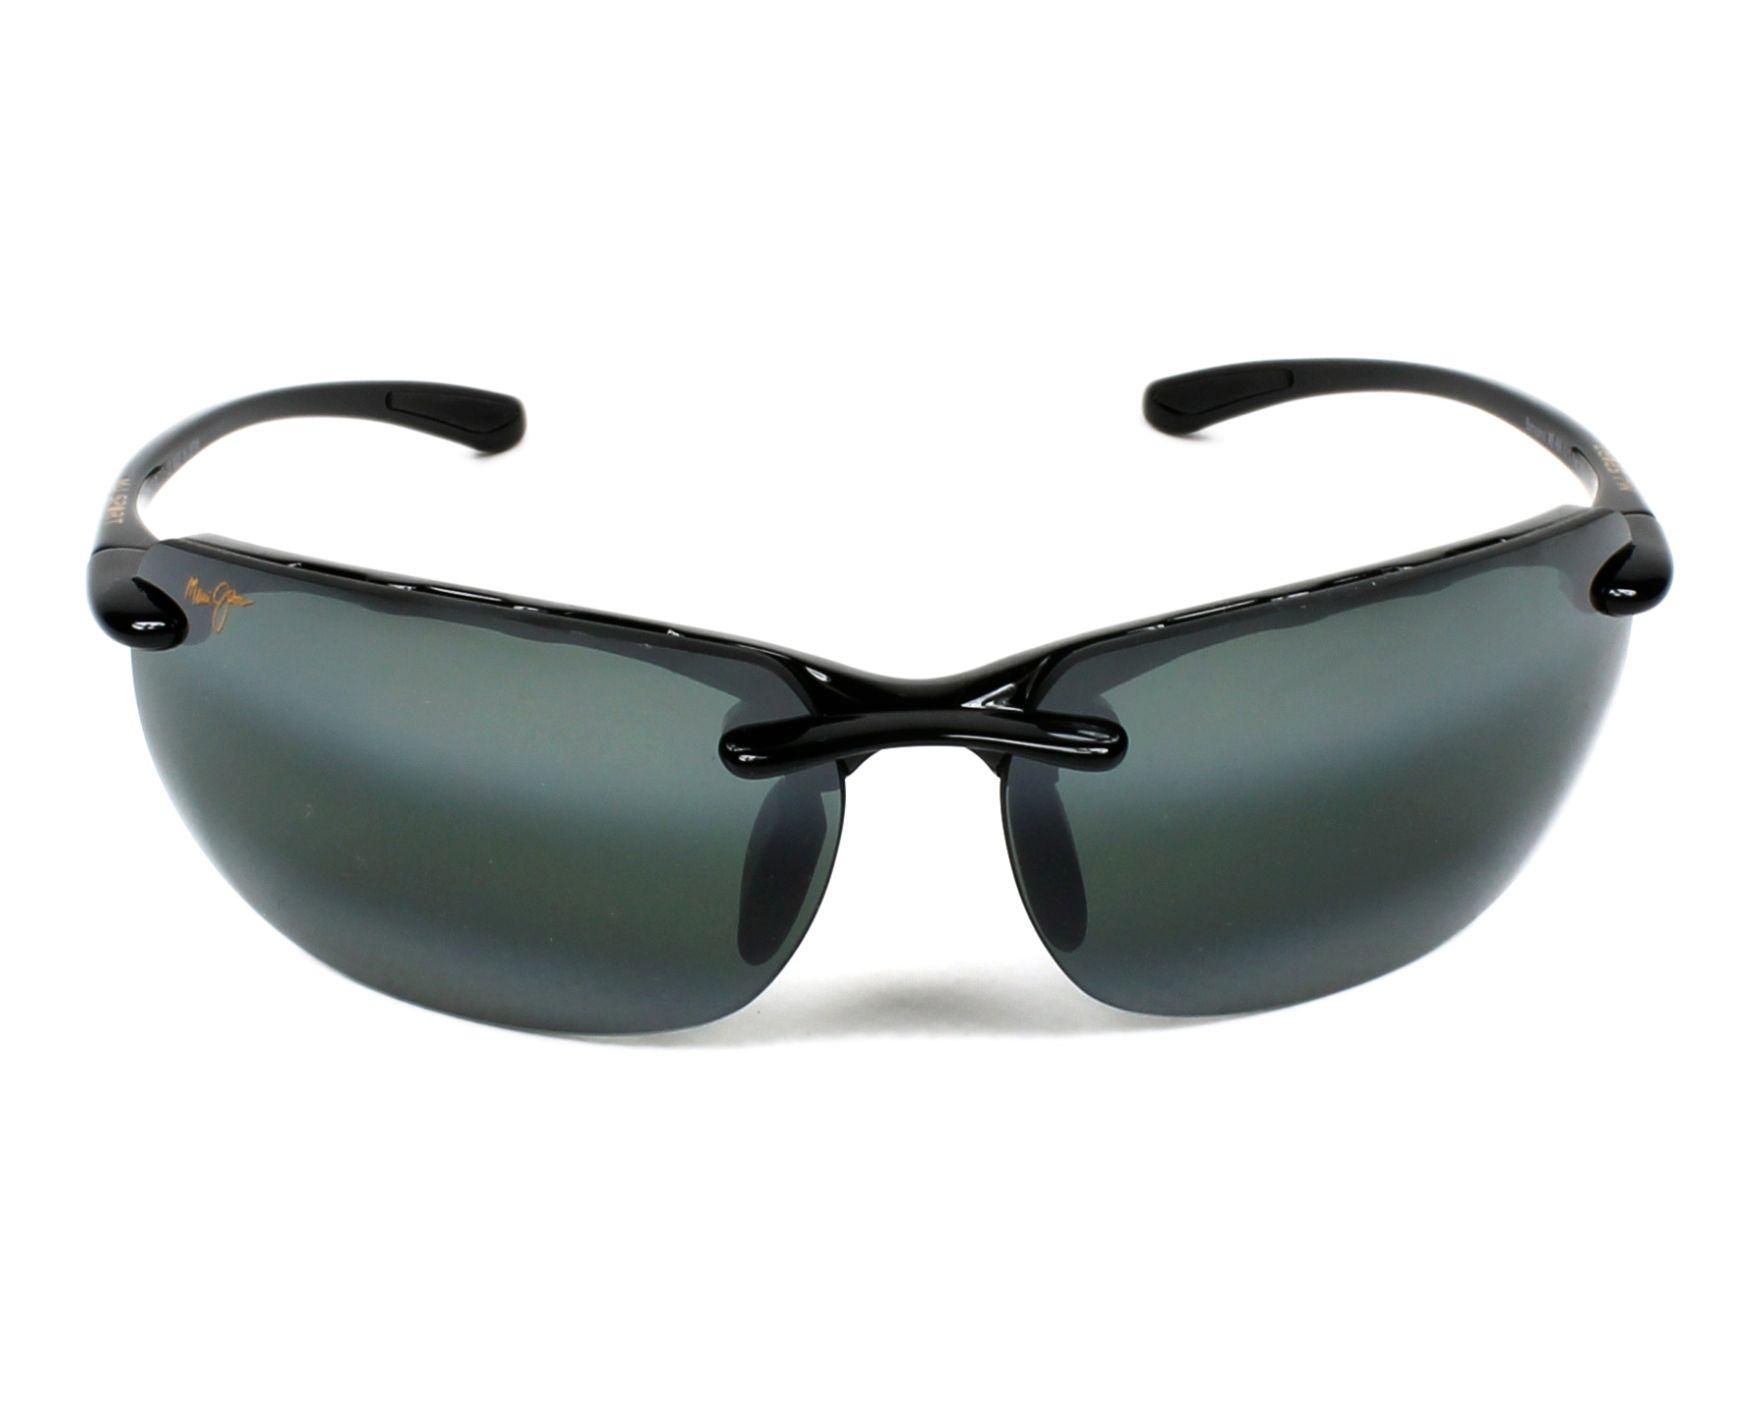 636683d2eb09d Sunglasses Maui Jim 412 02 70-17 Black front view